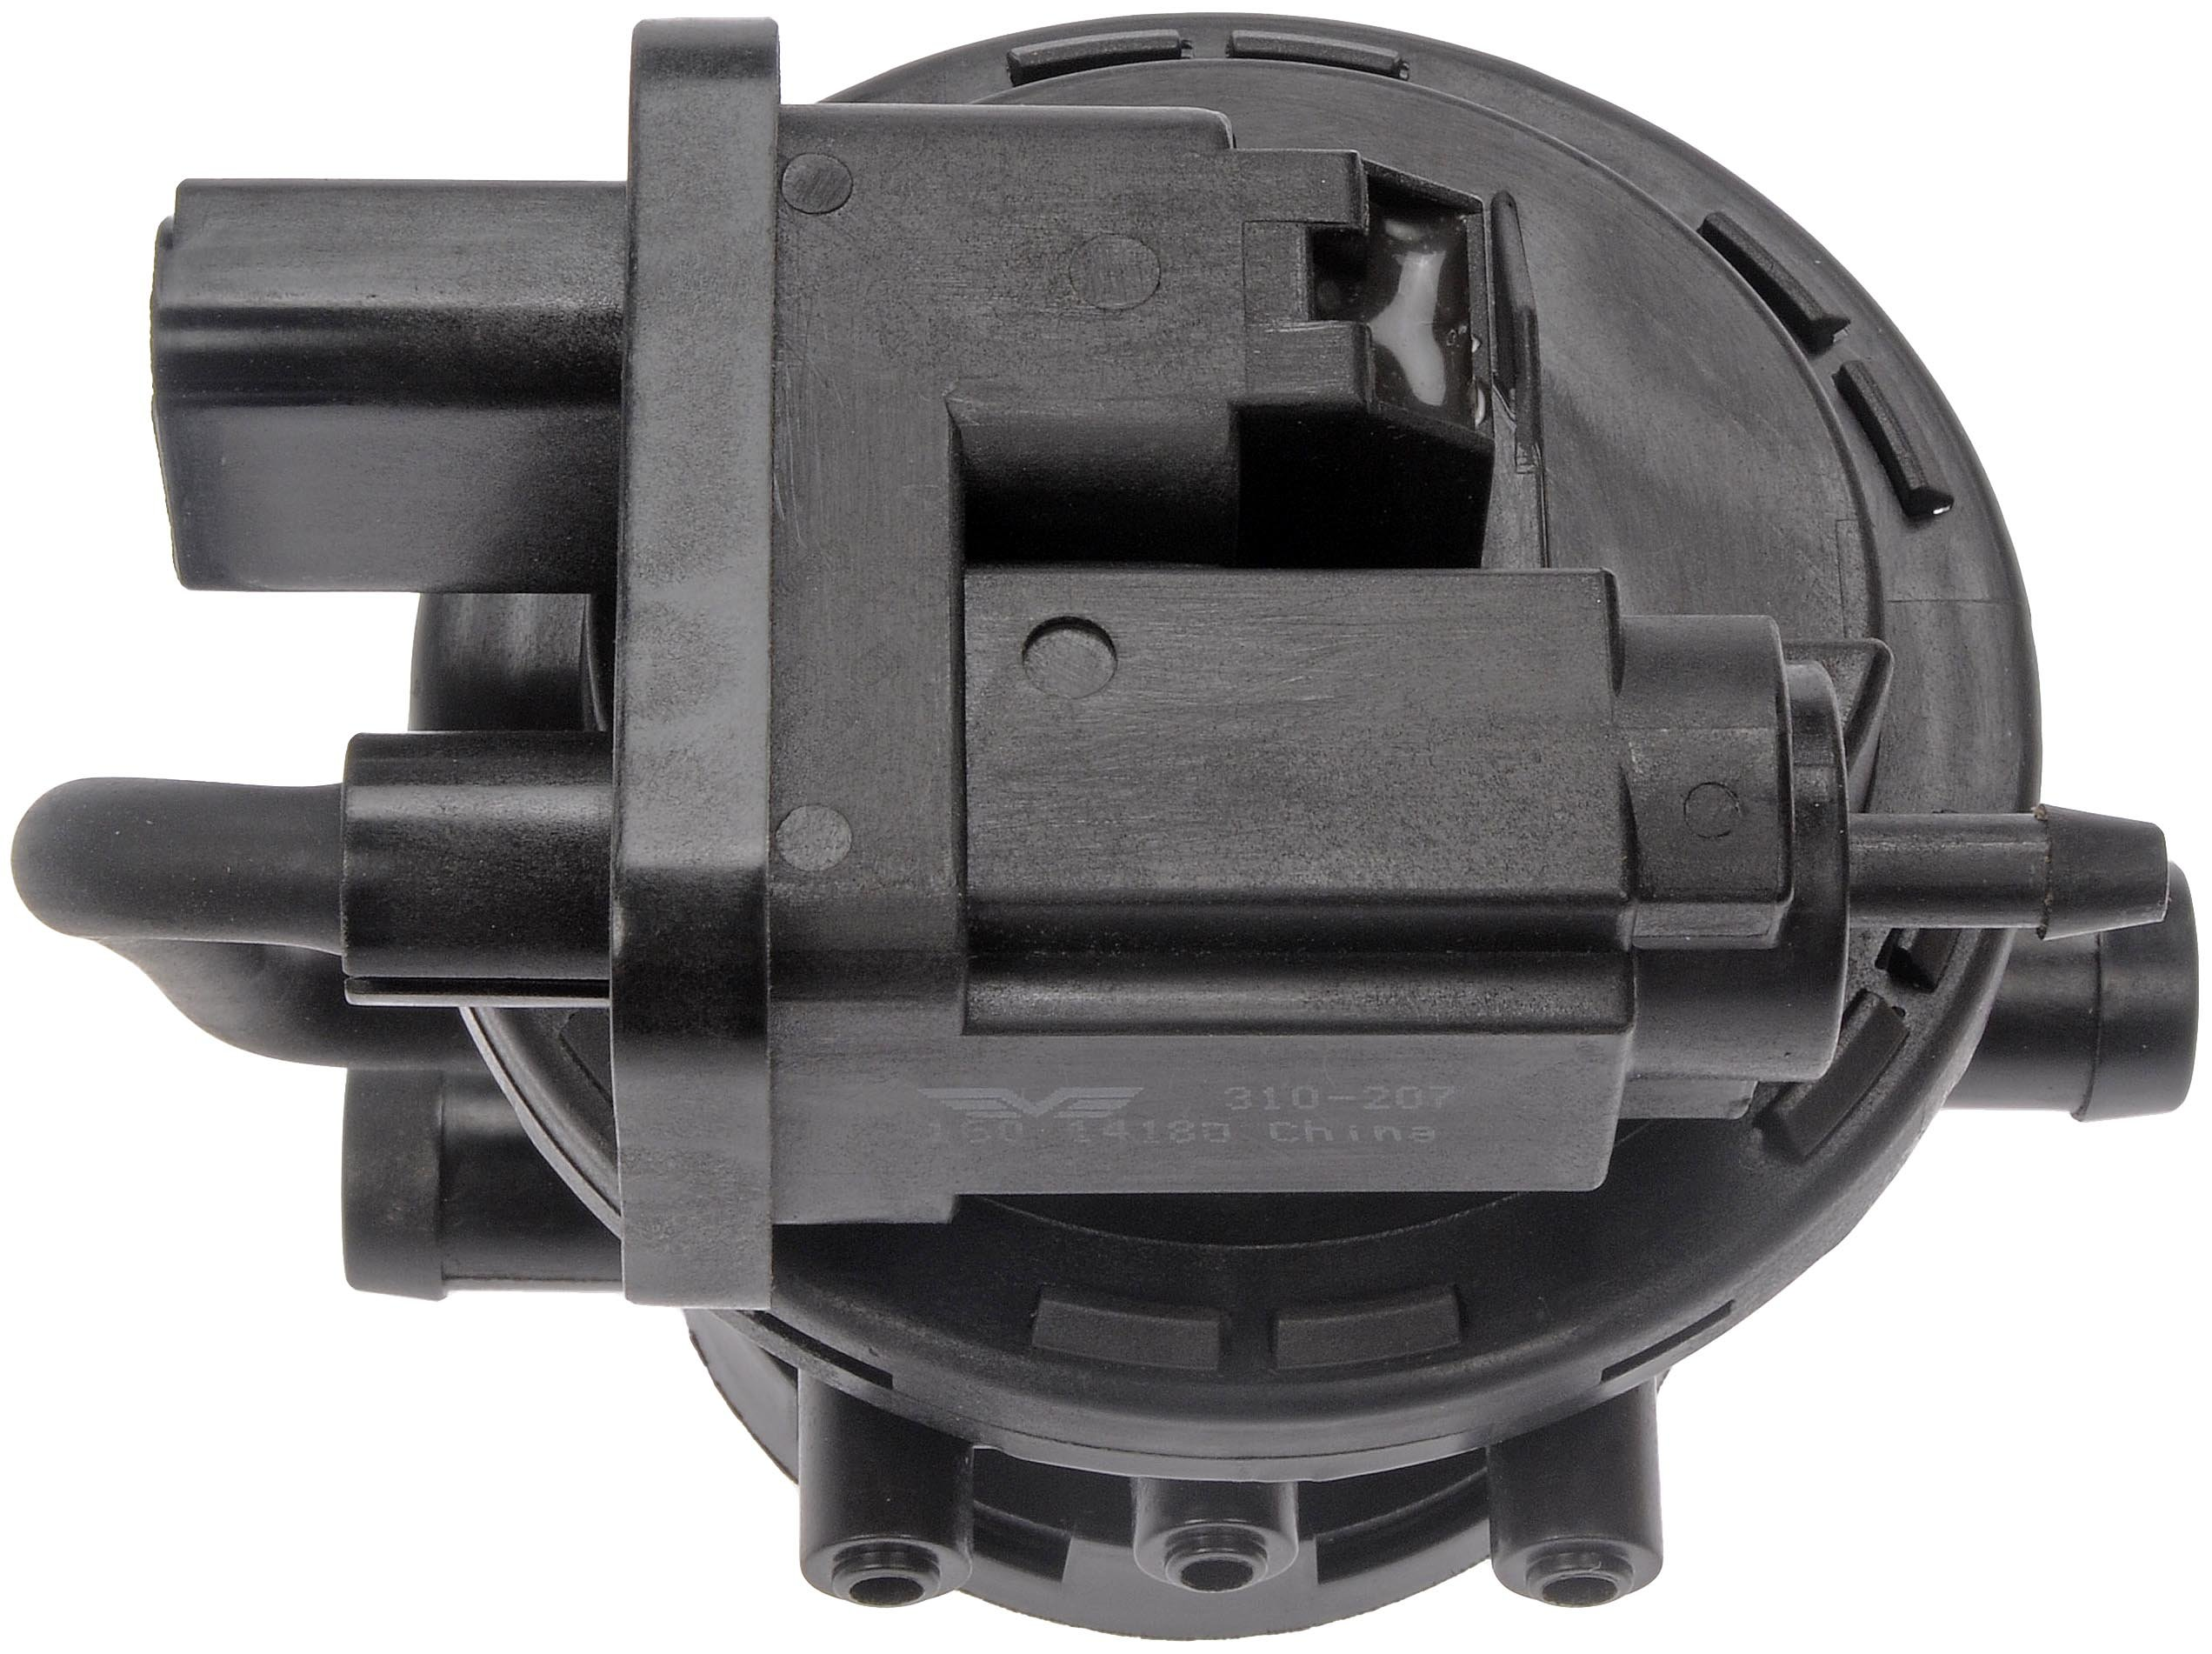 Dorman 310-207 Fuel Vapor Leak Detection Pump by Dorman (Image #2)